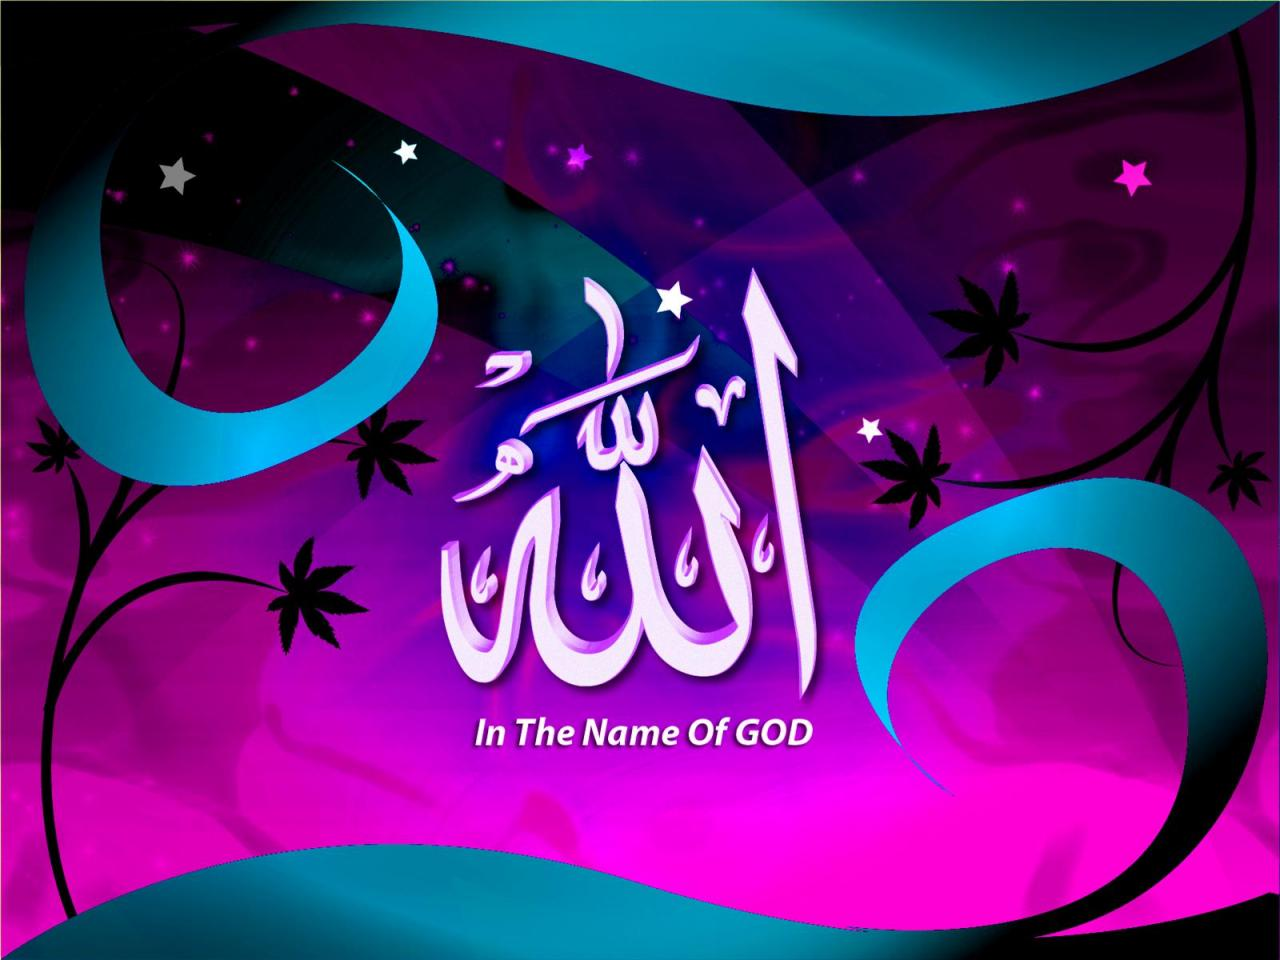 بالصور صور مكتوب عليها الله , تعريف اسم الله 11356 5